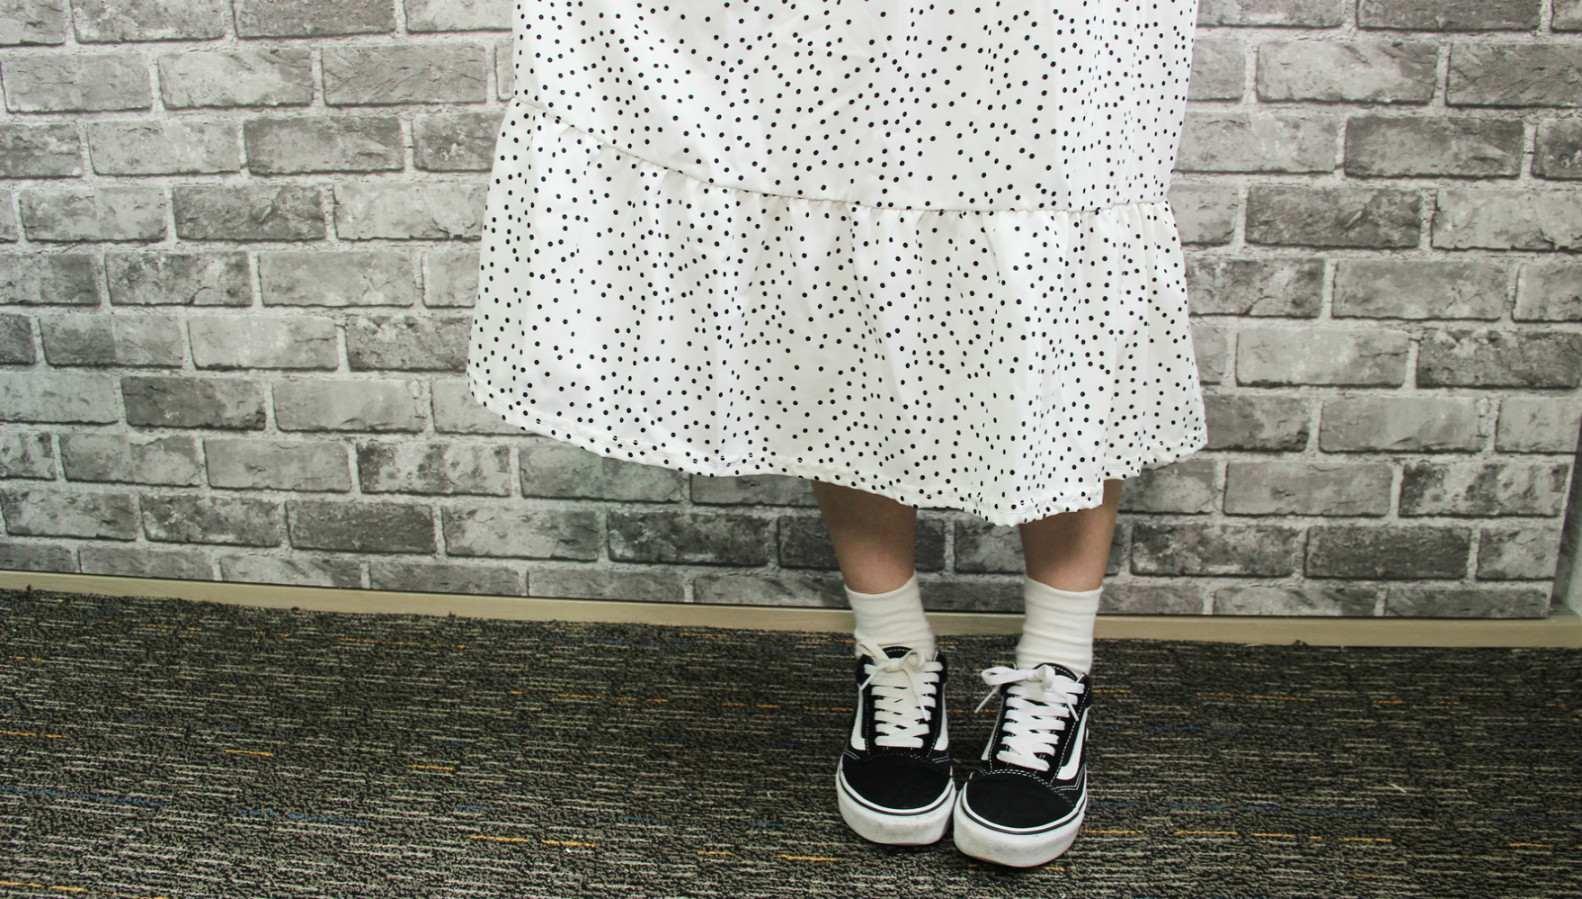 裙子下擺有再多做一次拼接設計,整體看起來比較沒那麼單調。這款算是滿百搭的洋裝,單配T恤就很好看啦!出去約會必備啊~(但因為材質比較透氣,穿裙子的時候裡面要搭個小短褲比較好喔)